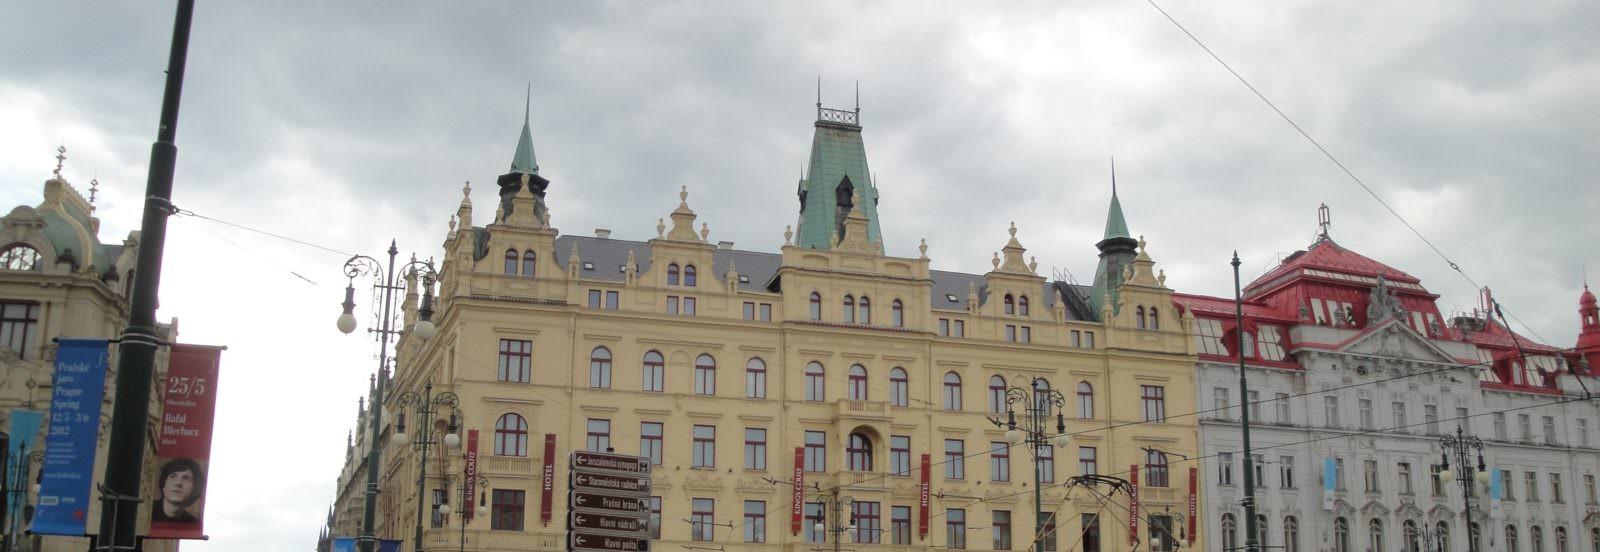 Picture-perfect Prague, Czech Republic